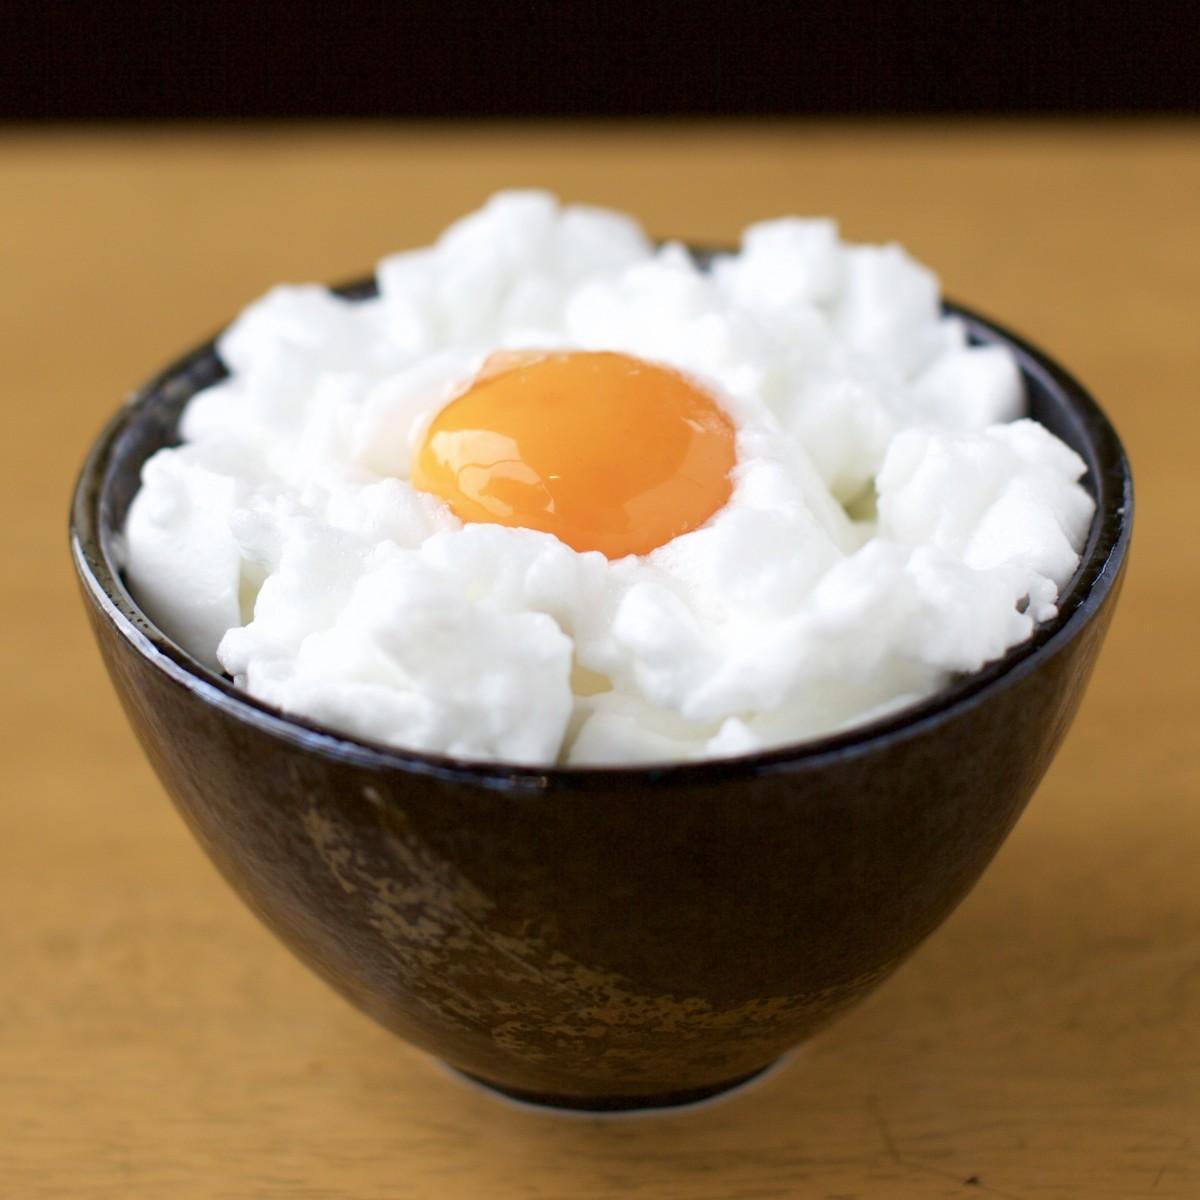 メレンゲ状に白身を泡立てた卵かけご飯「スノームーン」